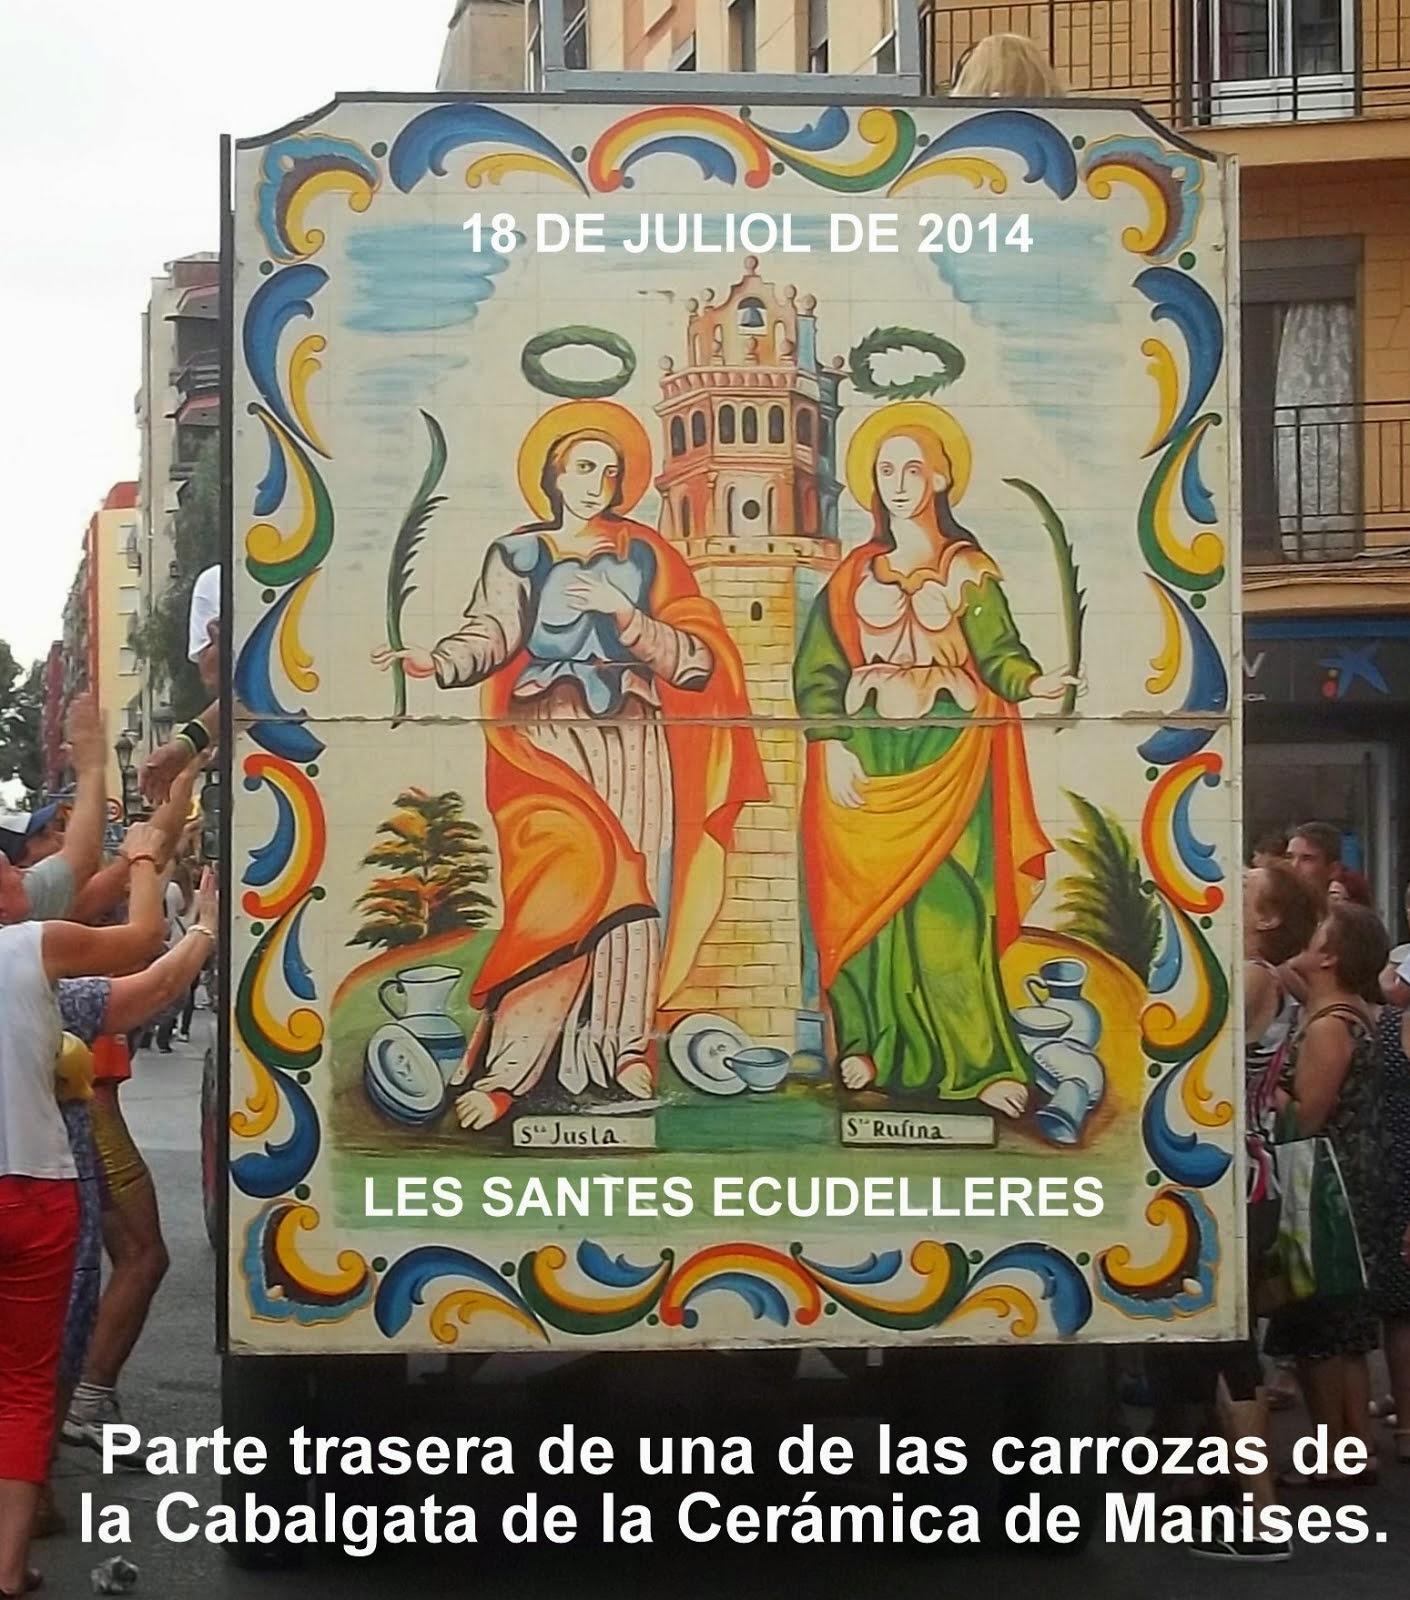 LA CABALGATA DE LA CERÁMICA, VIERNES 18 DE JULIO DE 2014